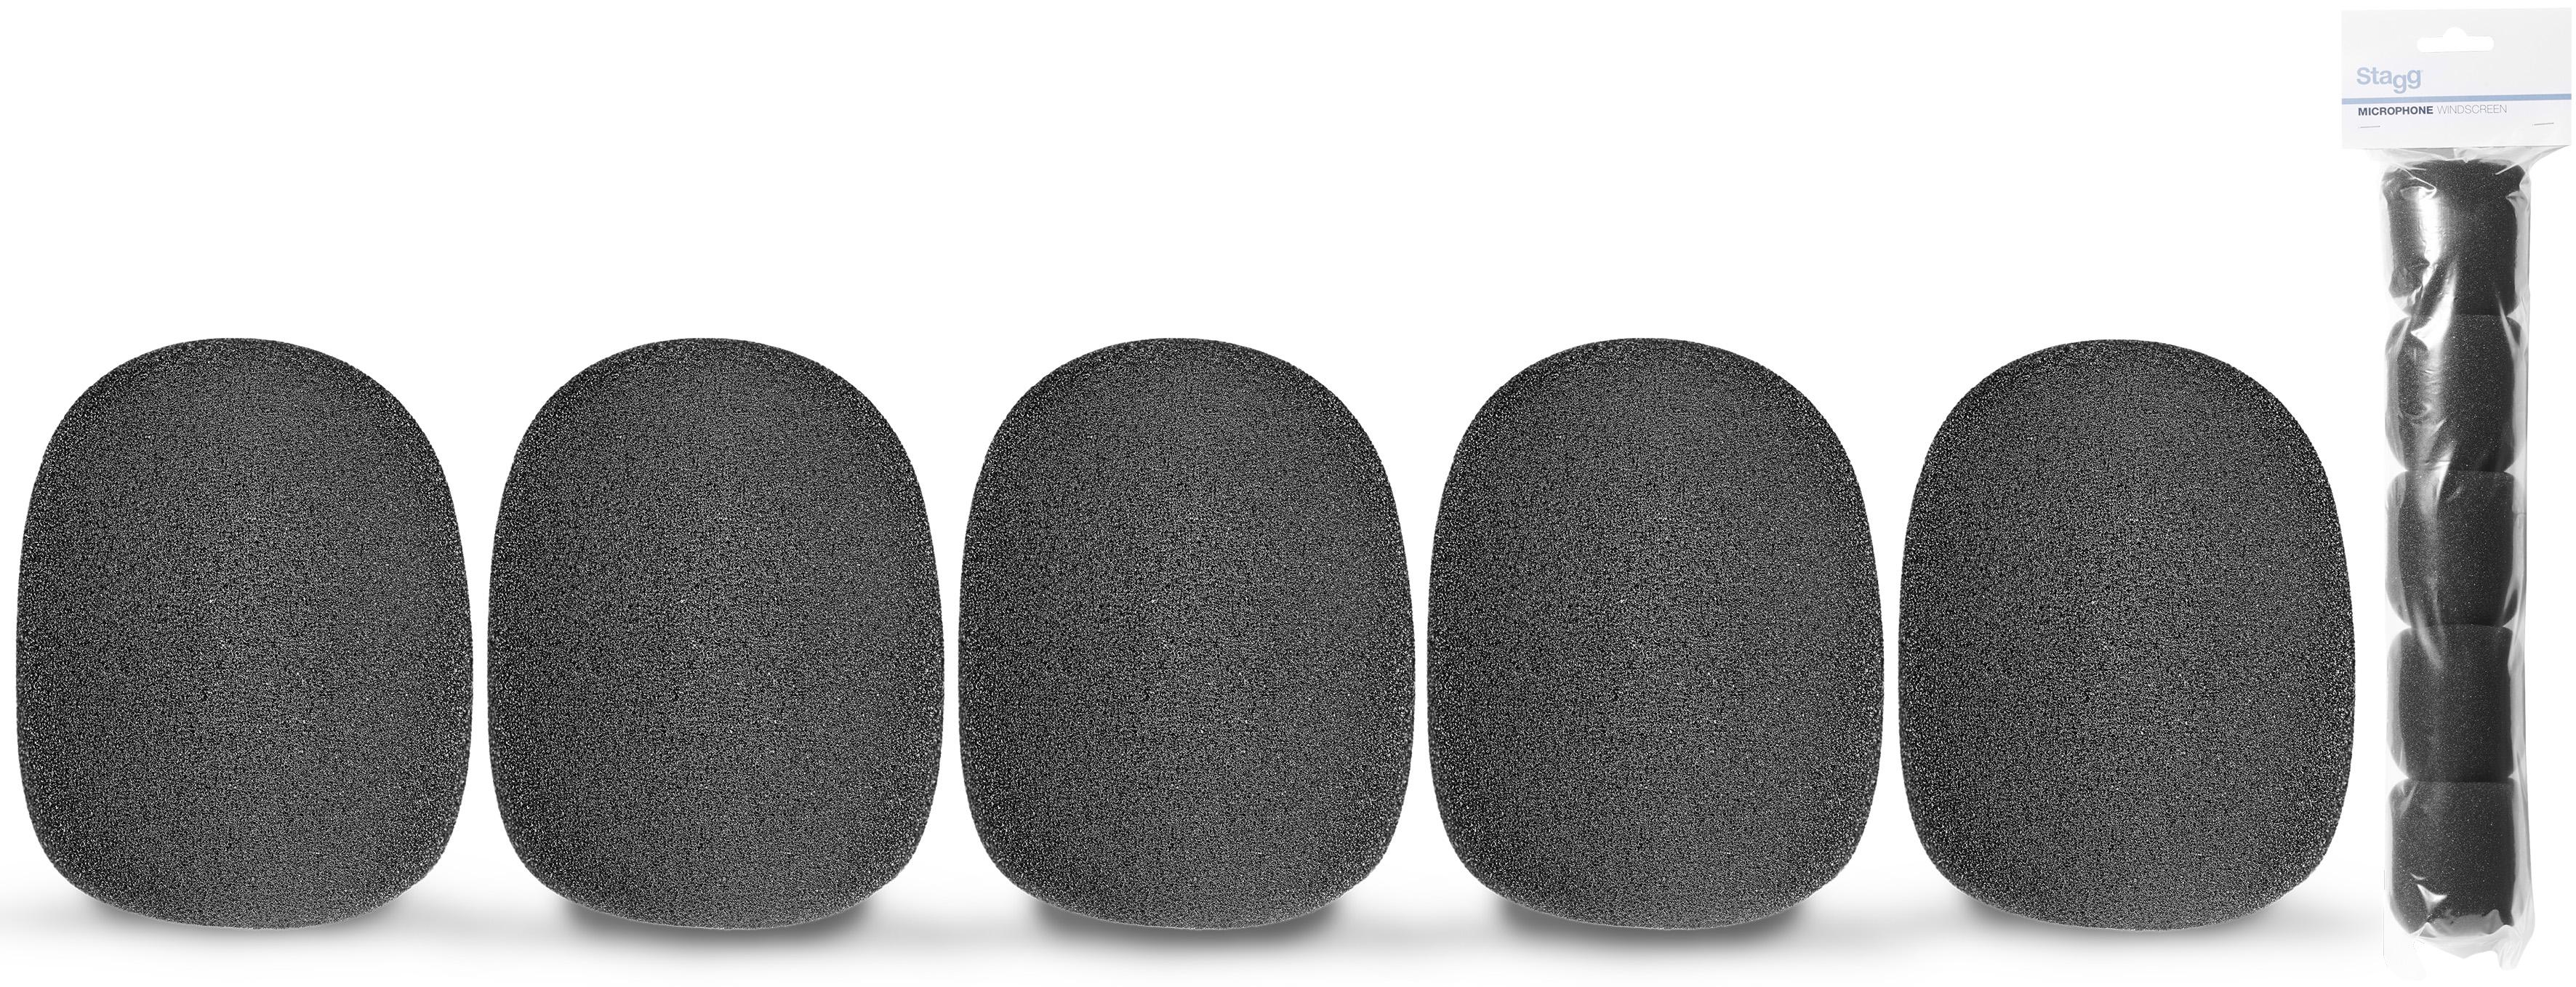 Stagg WS-S35/B5, kryty mikrofonní černé, sada 5 ks